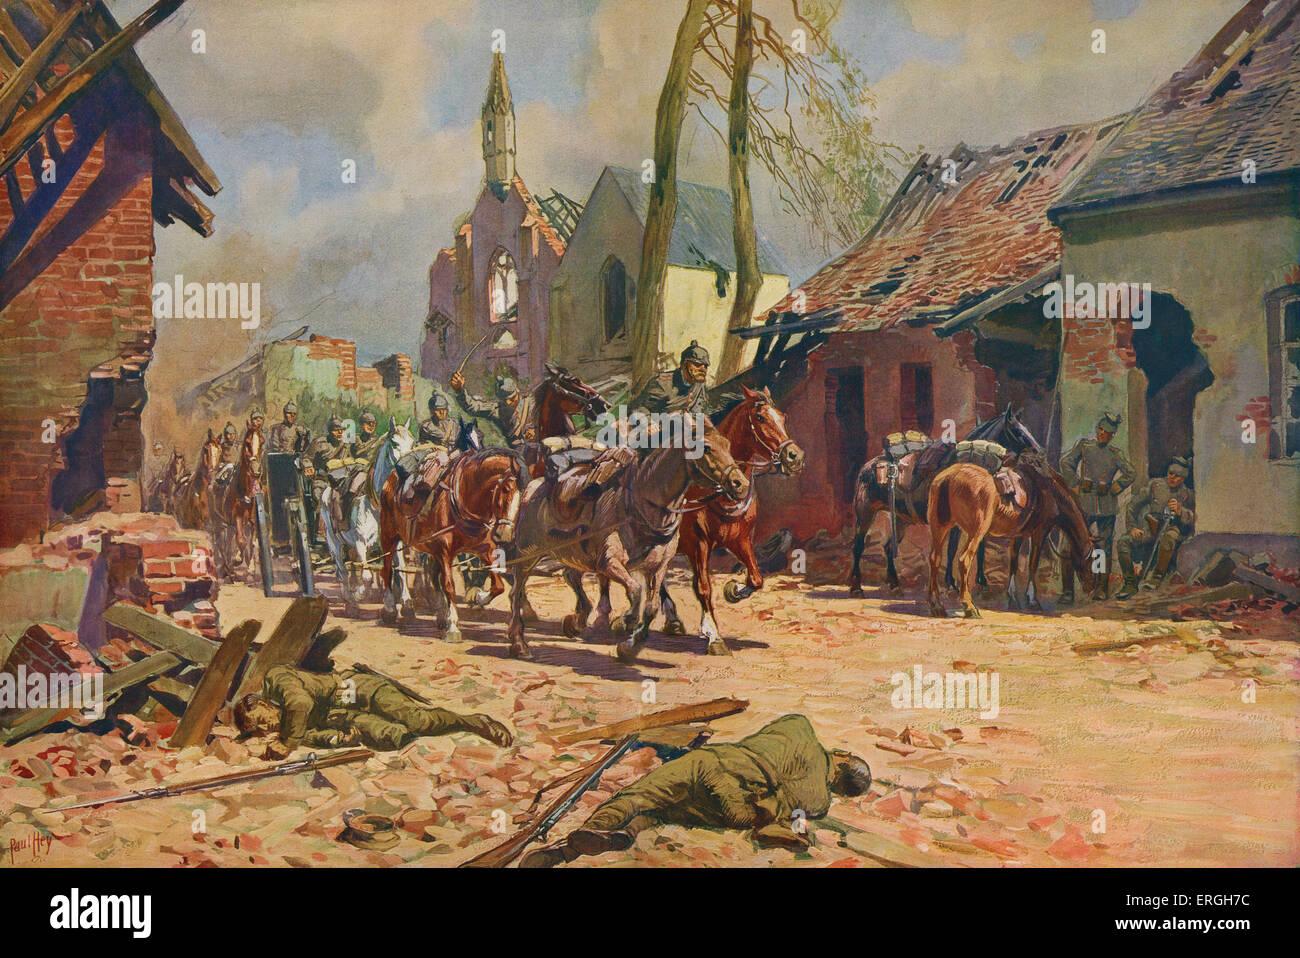 La primera guerra mundial: las tropas alemanas en Ypres, Bélgica. Una batería alemana cabalgando por St Julien. Foto de stock